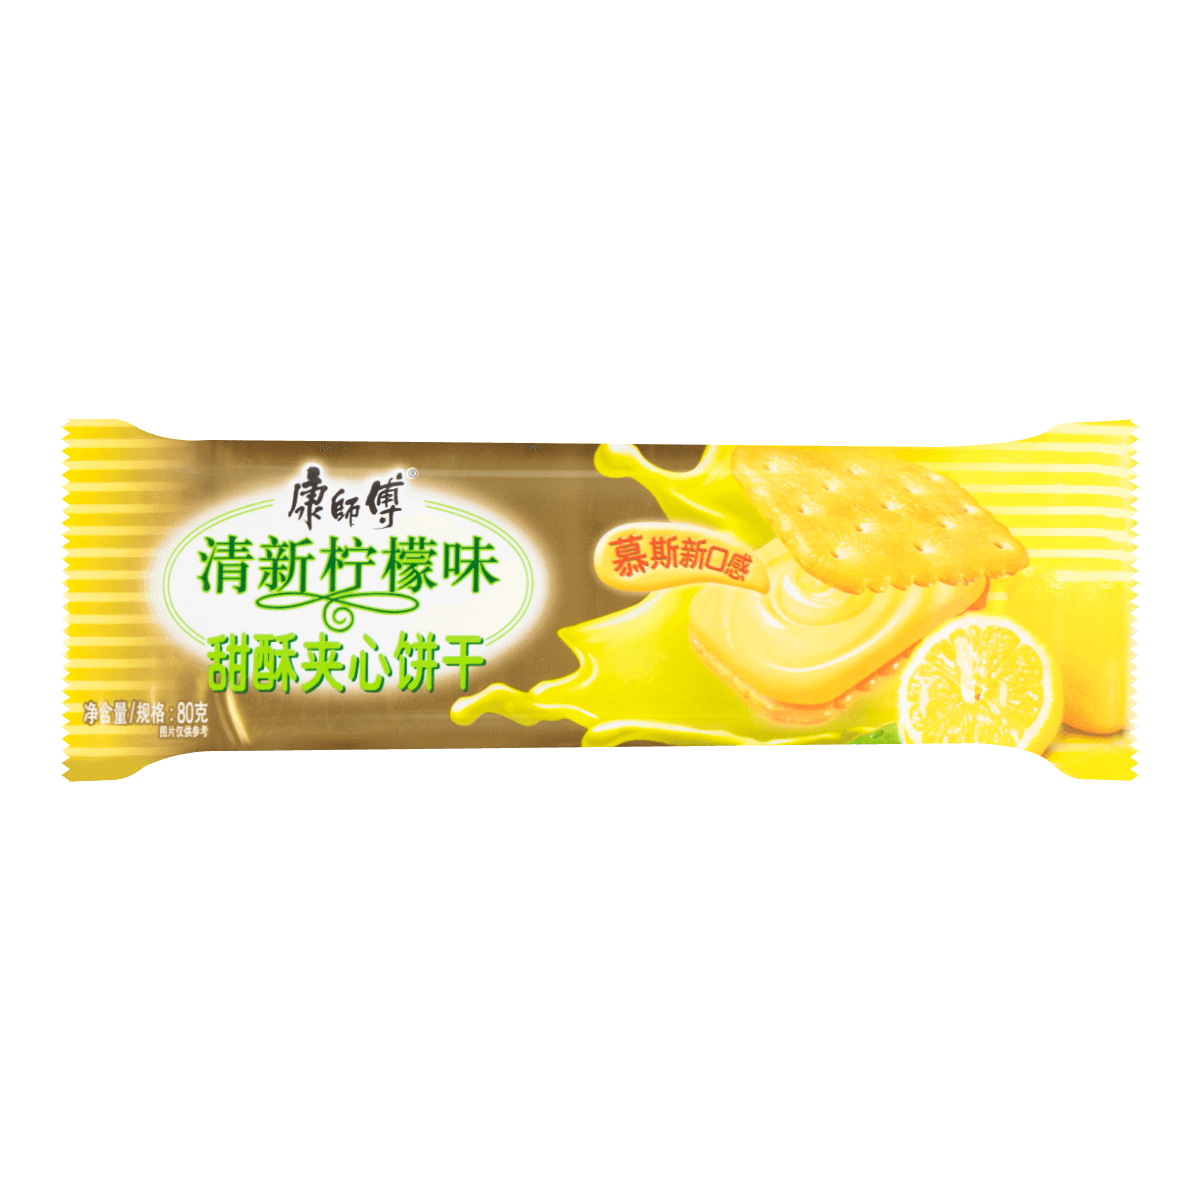 康师傅 甜酥夹心饼干 清新柠檬味 80g